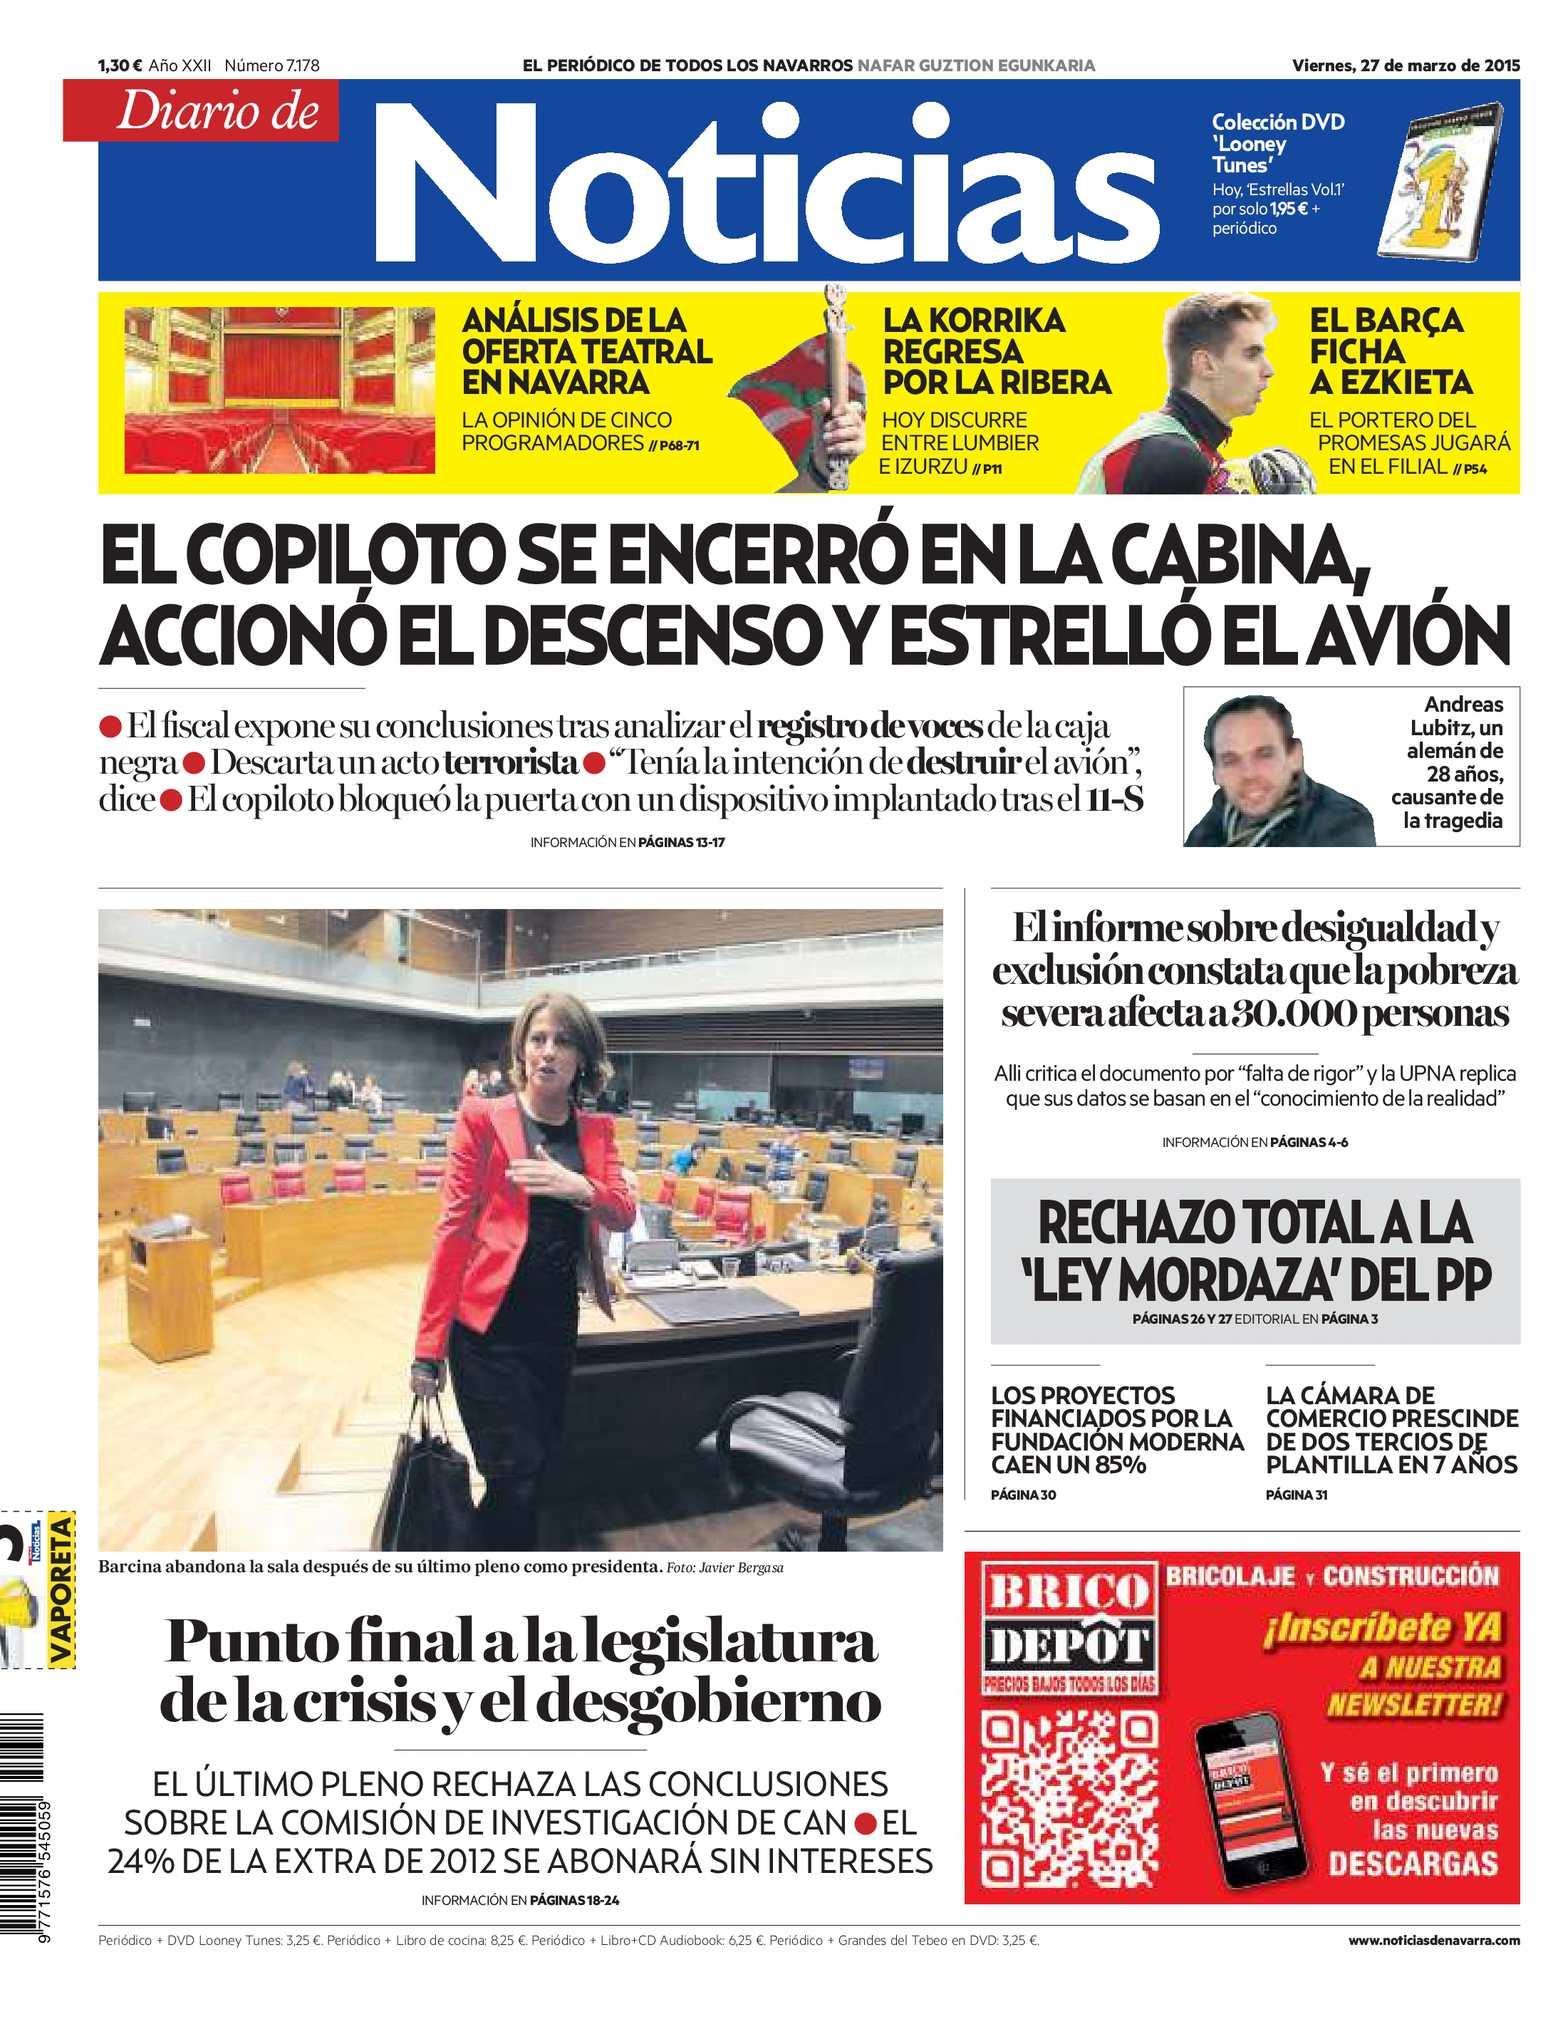 Calaméo - Diario de Noticias 20150327 d712544078e